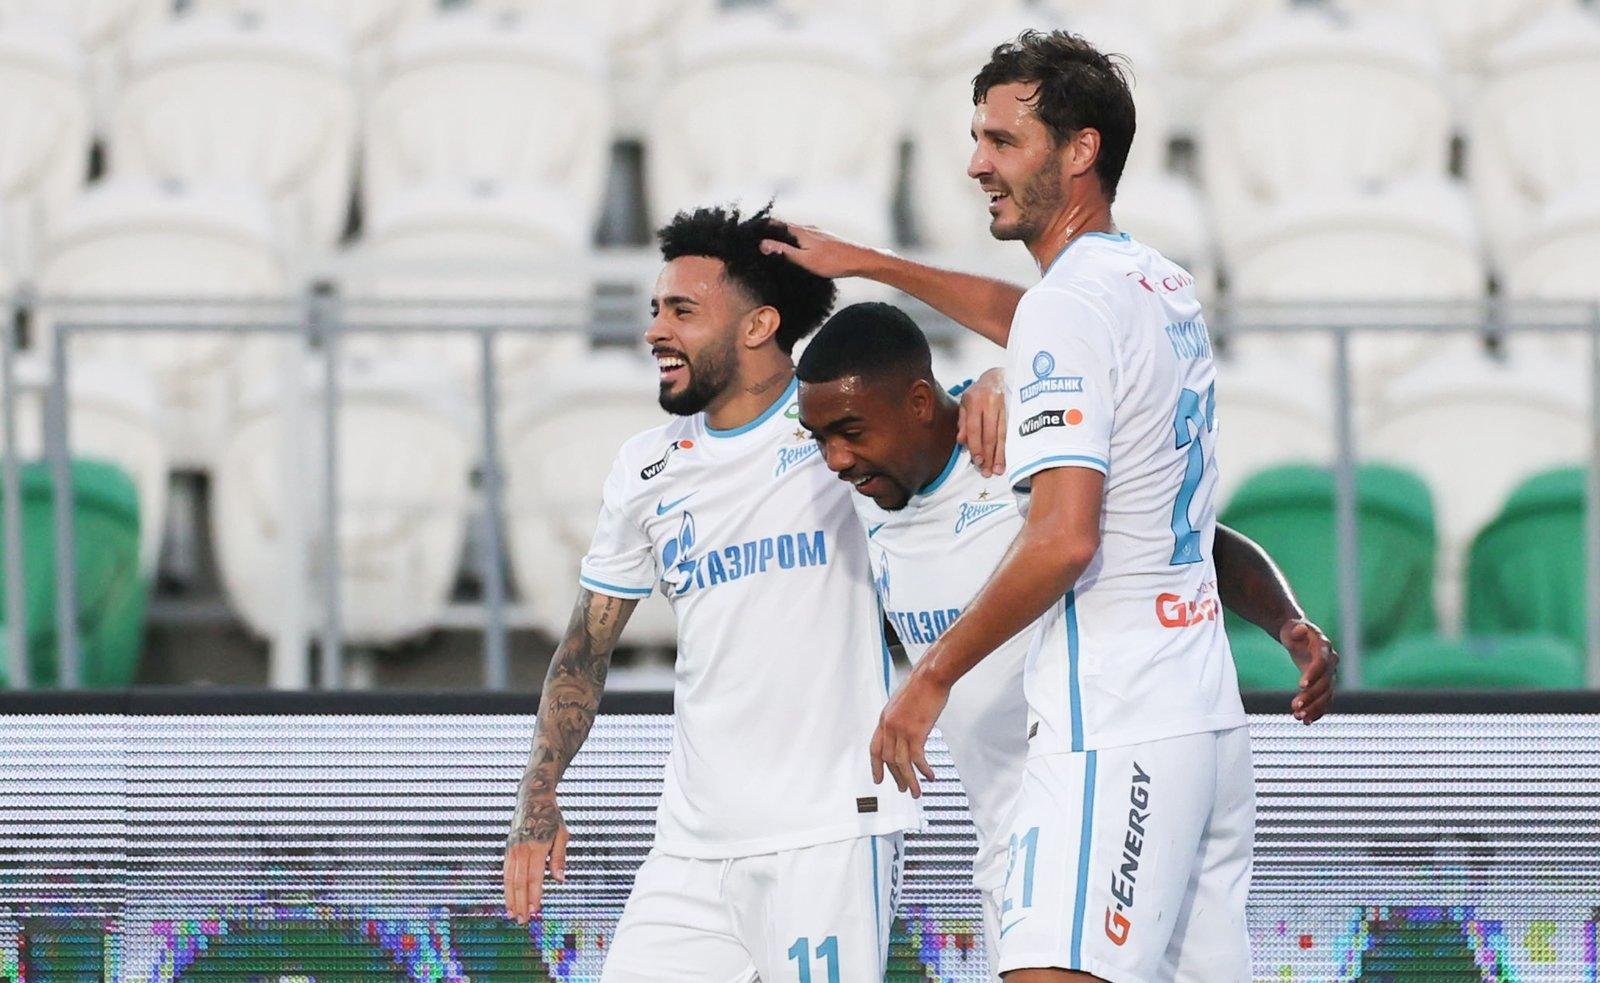 Михаил Прокопец: «Зениту» стоило общаться с УЕФА по вопросу Малкома и Клаудиньо»